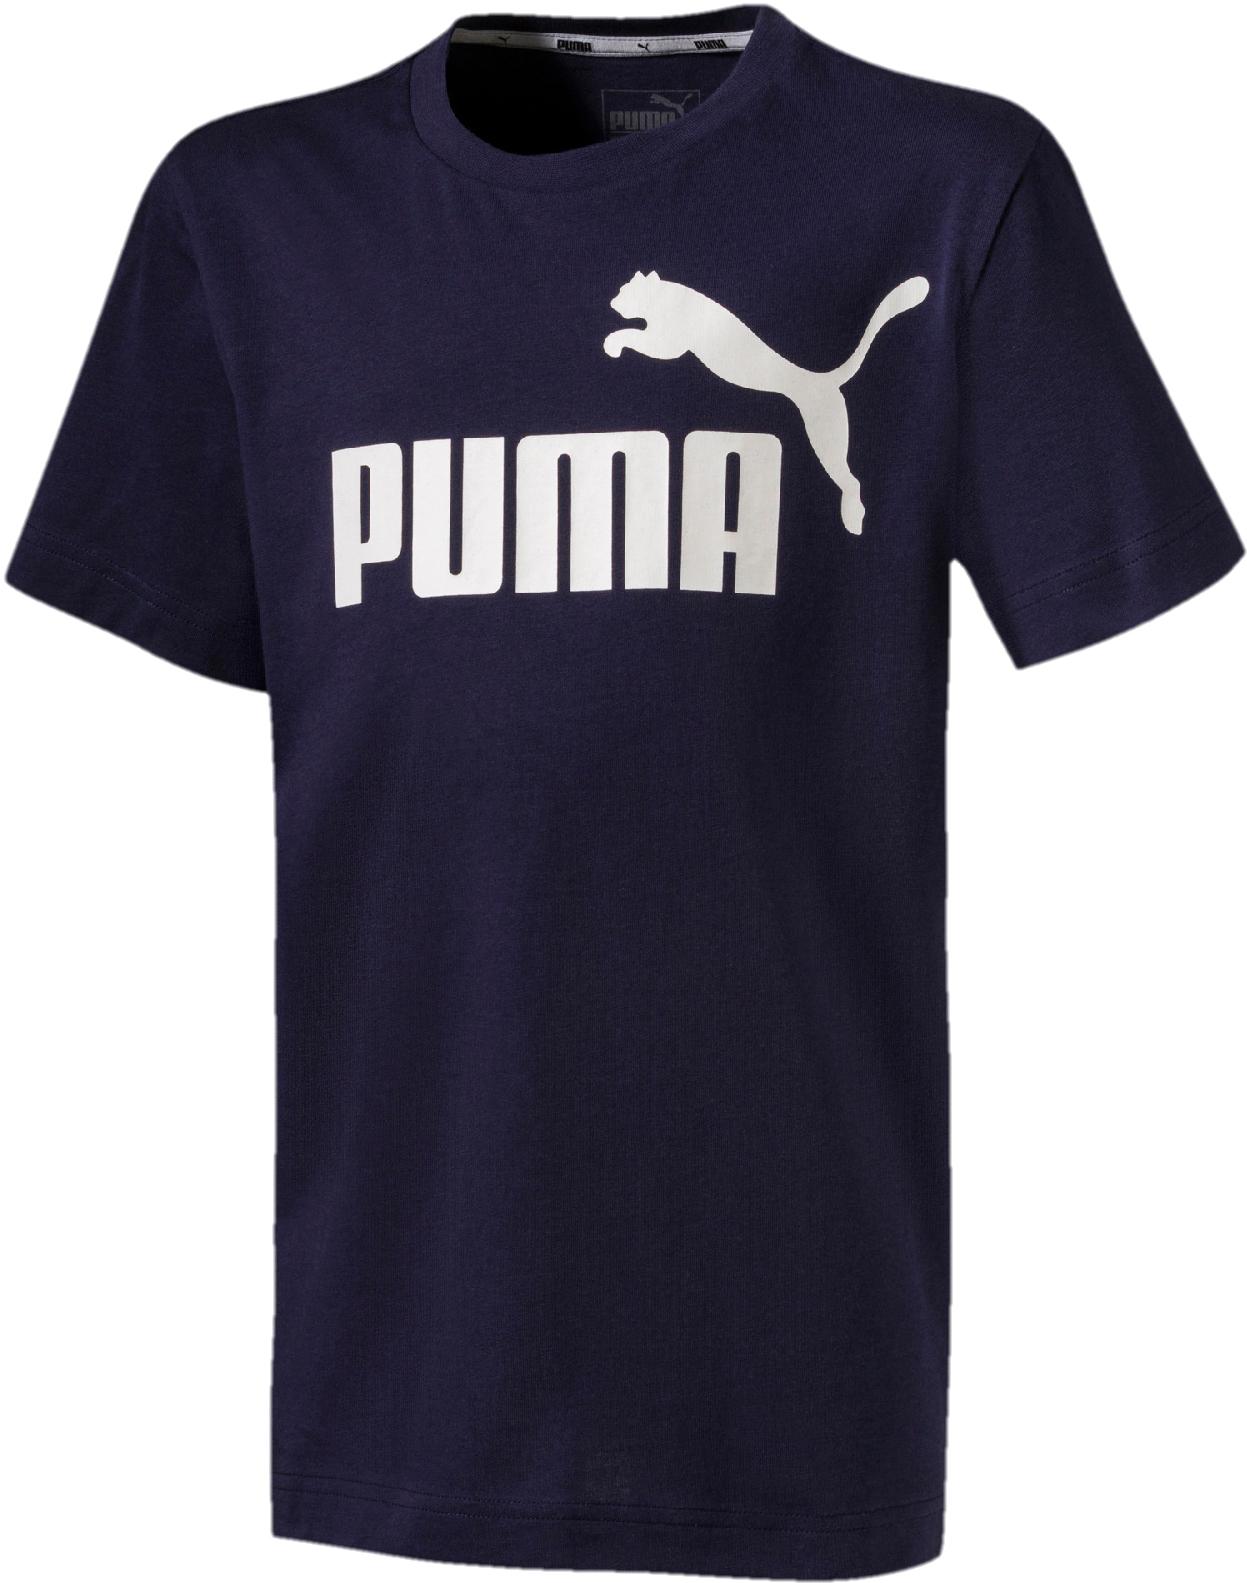 Футболка PUMA Essentials Tee B цены онлайн